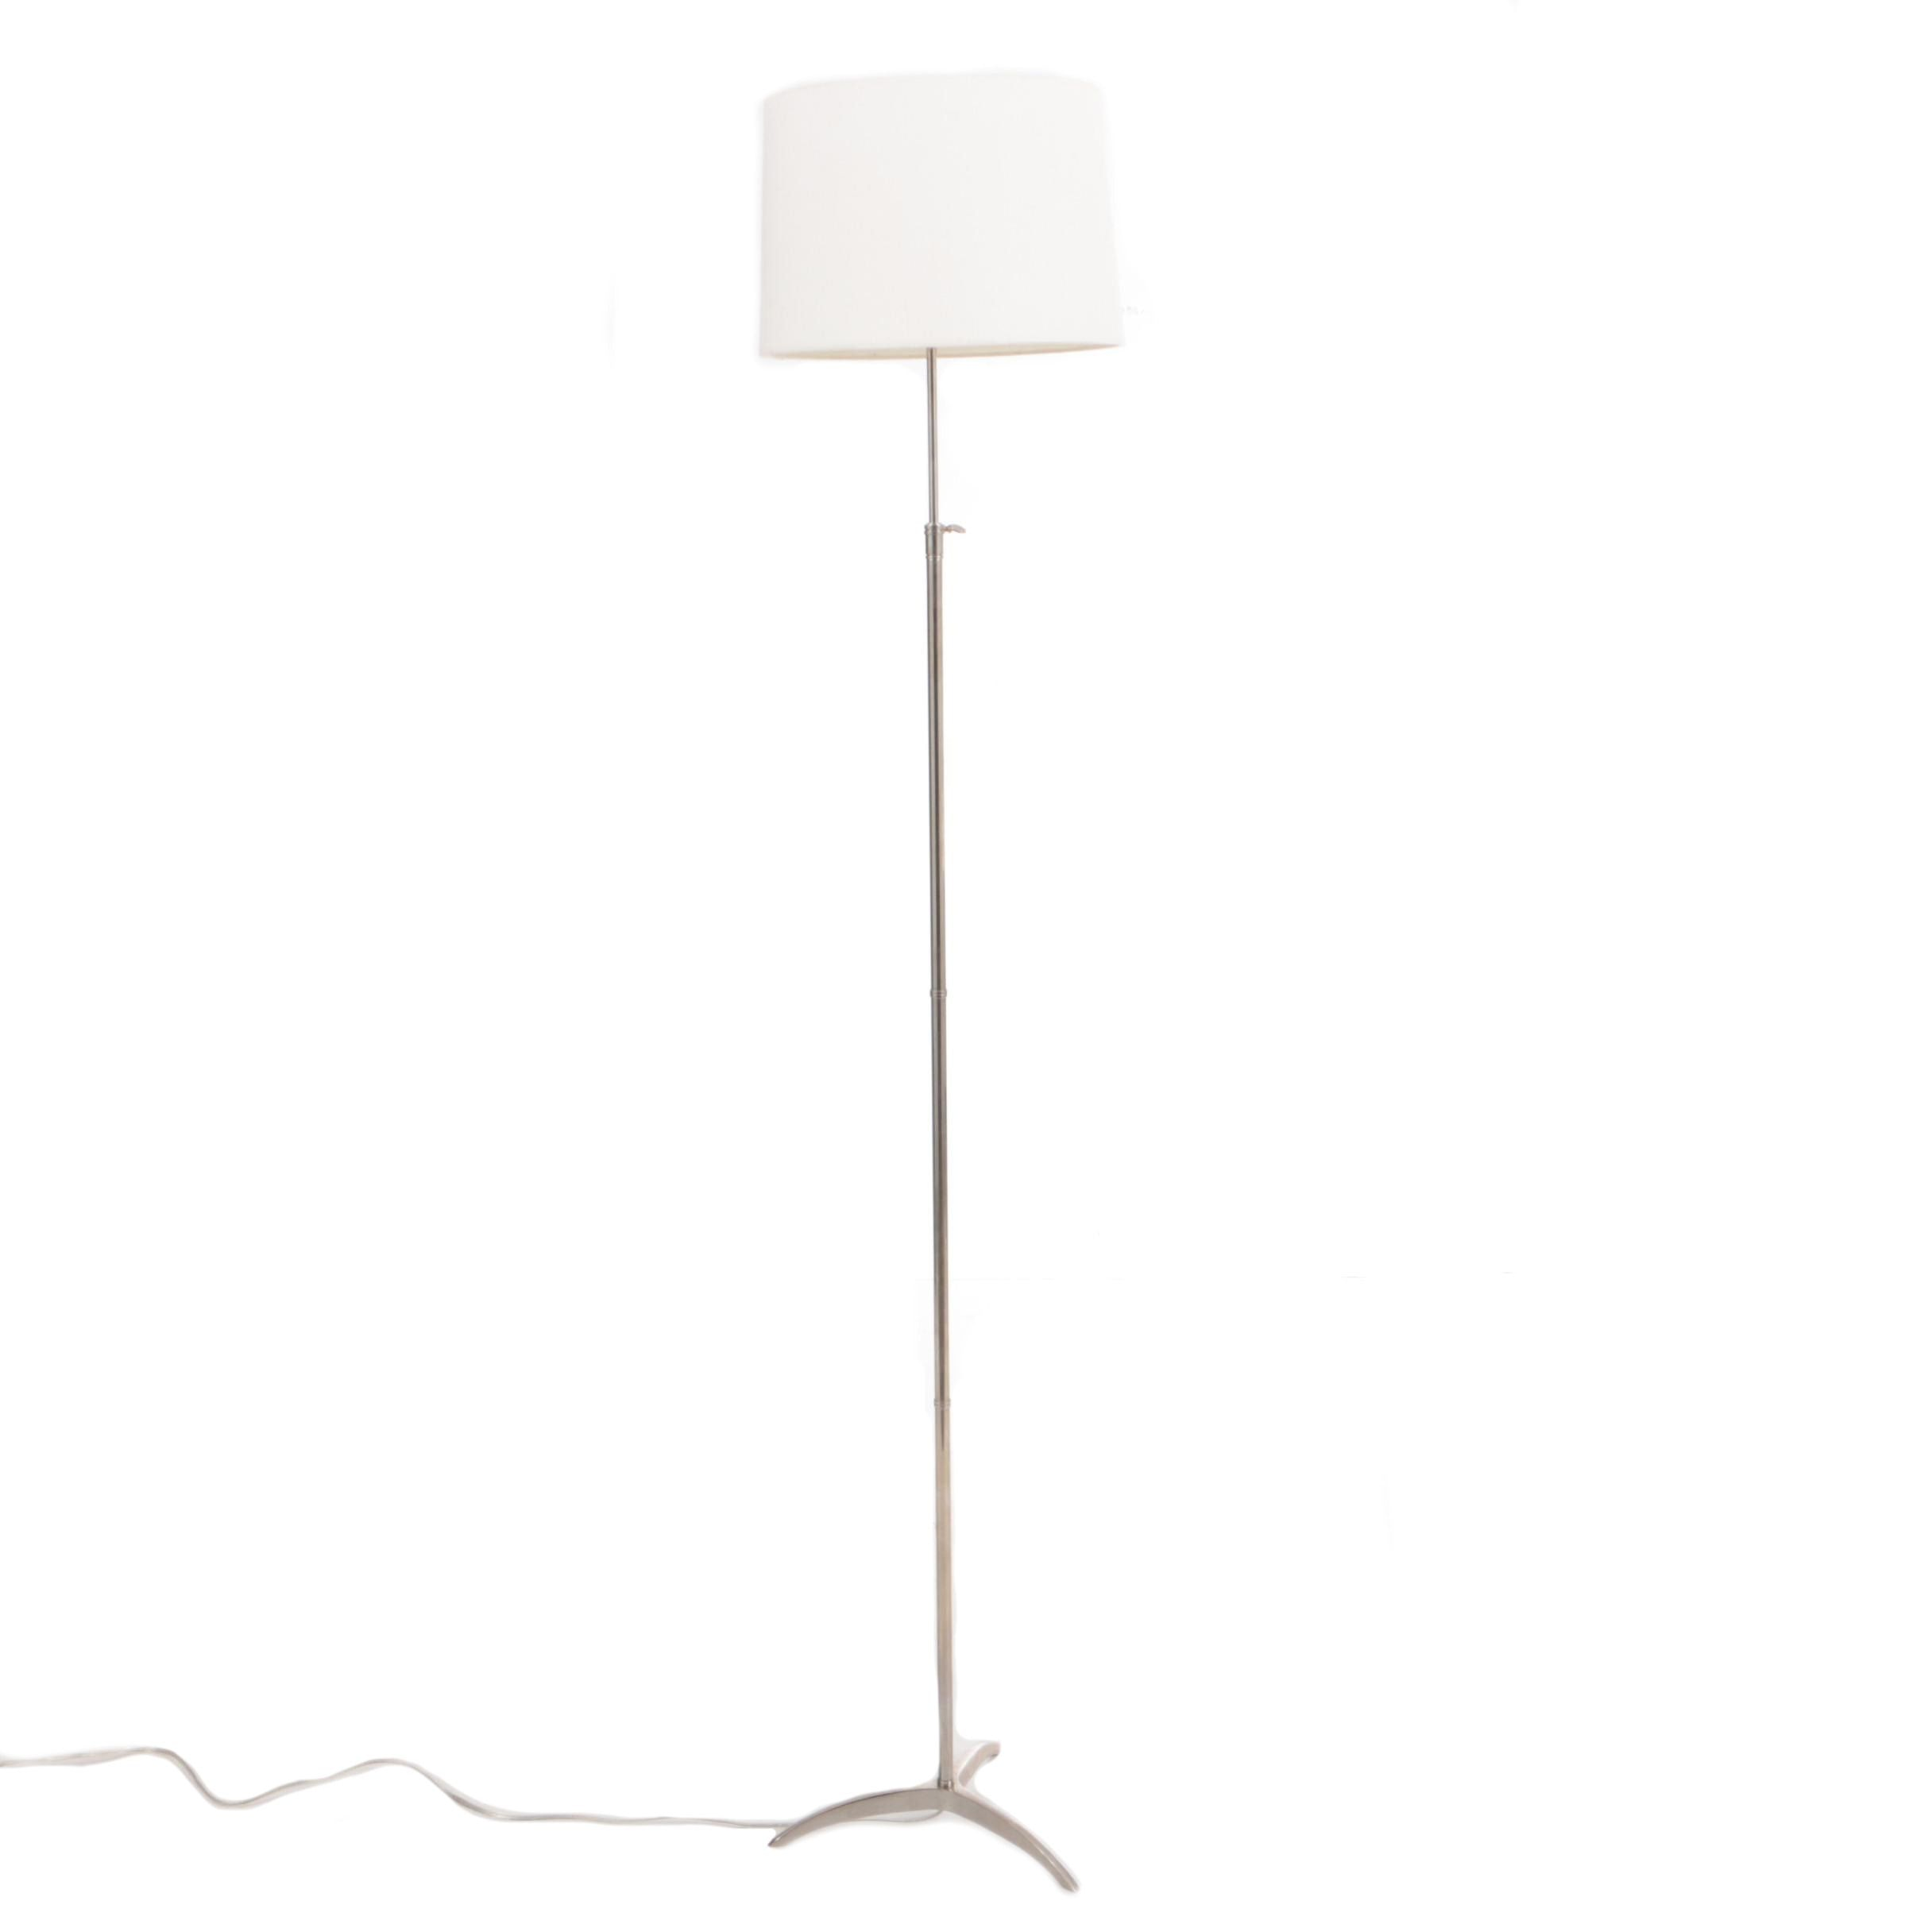 Keller Floor Lamp in Chrome Finish